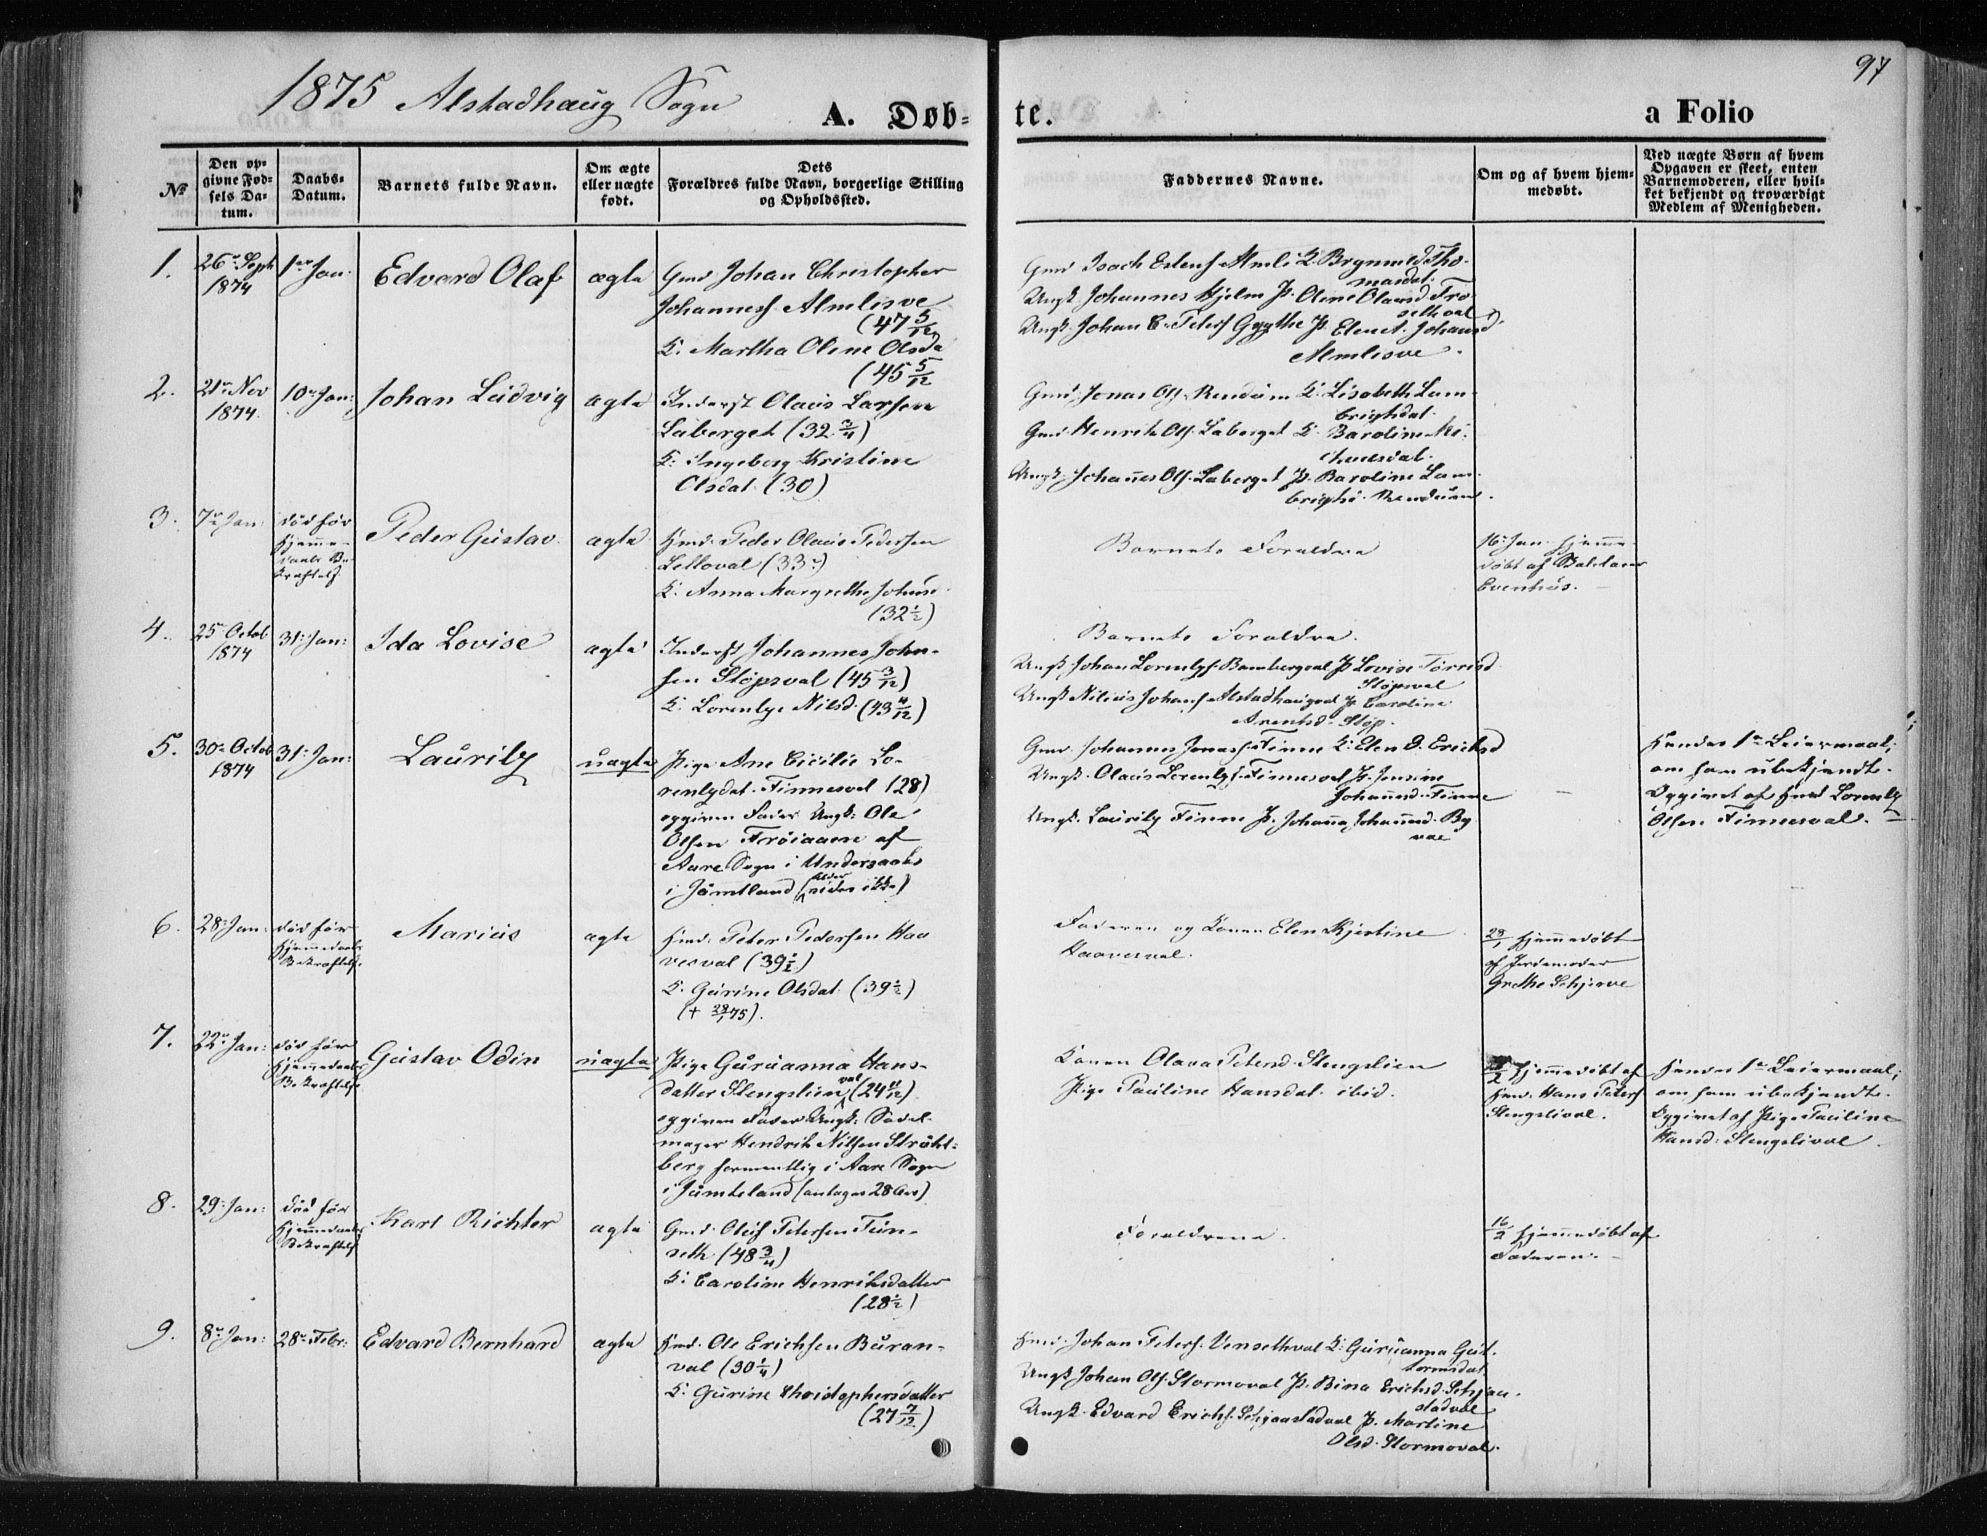 SAT, Ministerialprotokoller, klokkerbøker og fødselsregistre - Nord-Trøndelag, 717/L0157: Ministerialbok nr. 717A08 /1, 1863-1877, s. 97